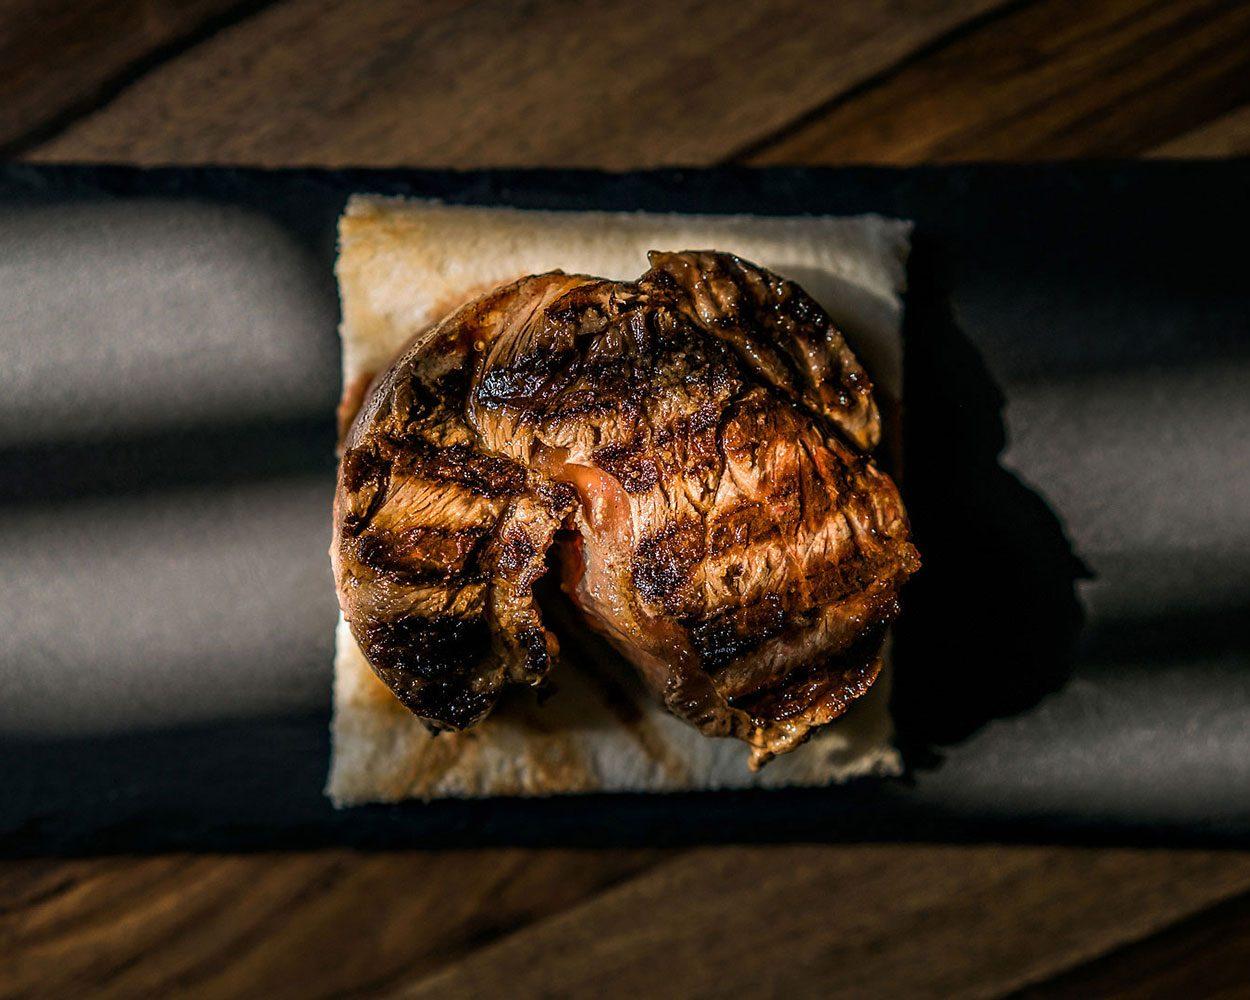 meat carne filet filetto food chef michelin cibo champagne alberto feltrin still life chiaroscuro natural light